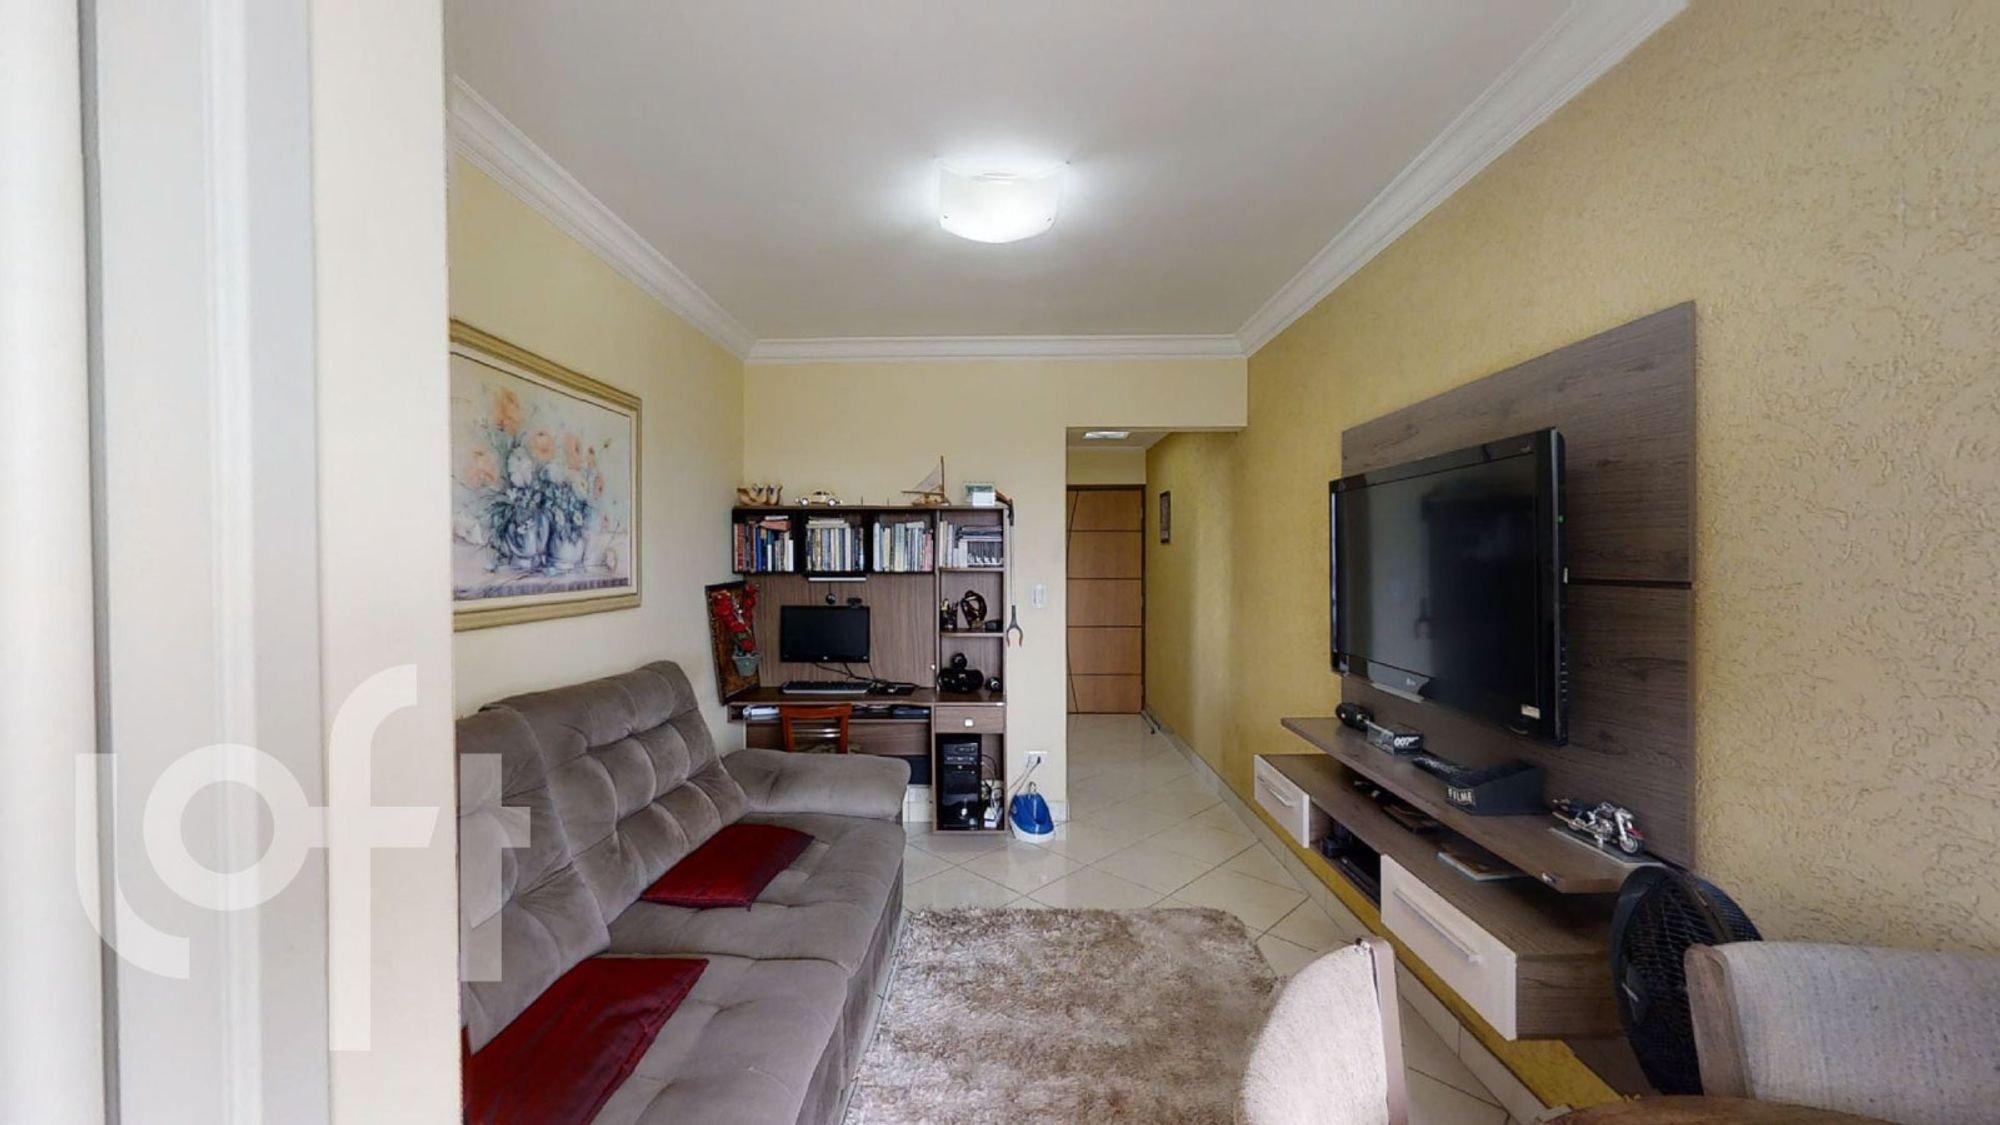 Foto de Sala com sofá, televisão, livro